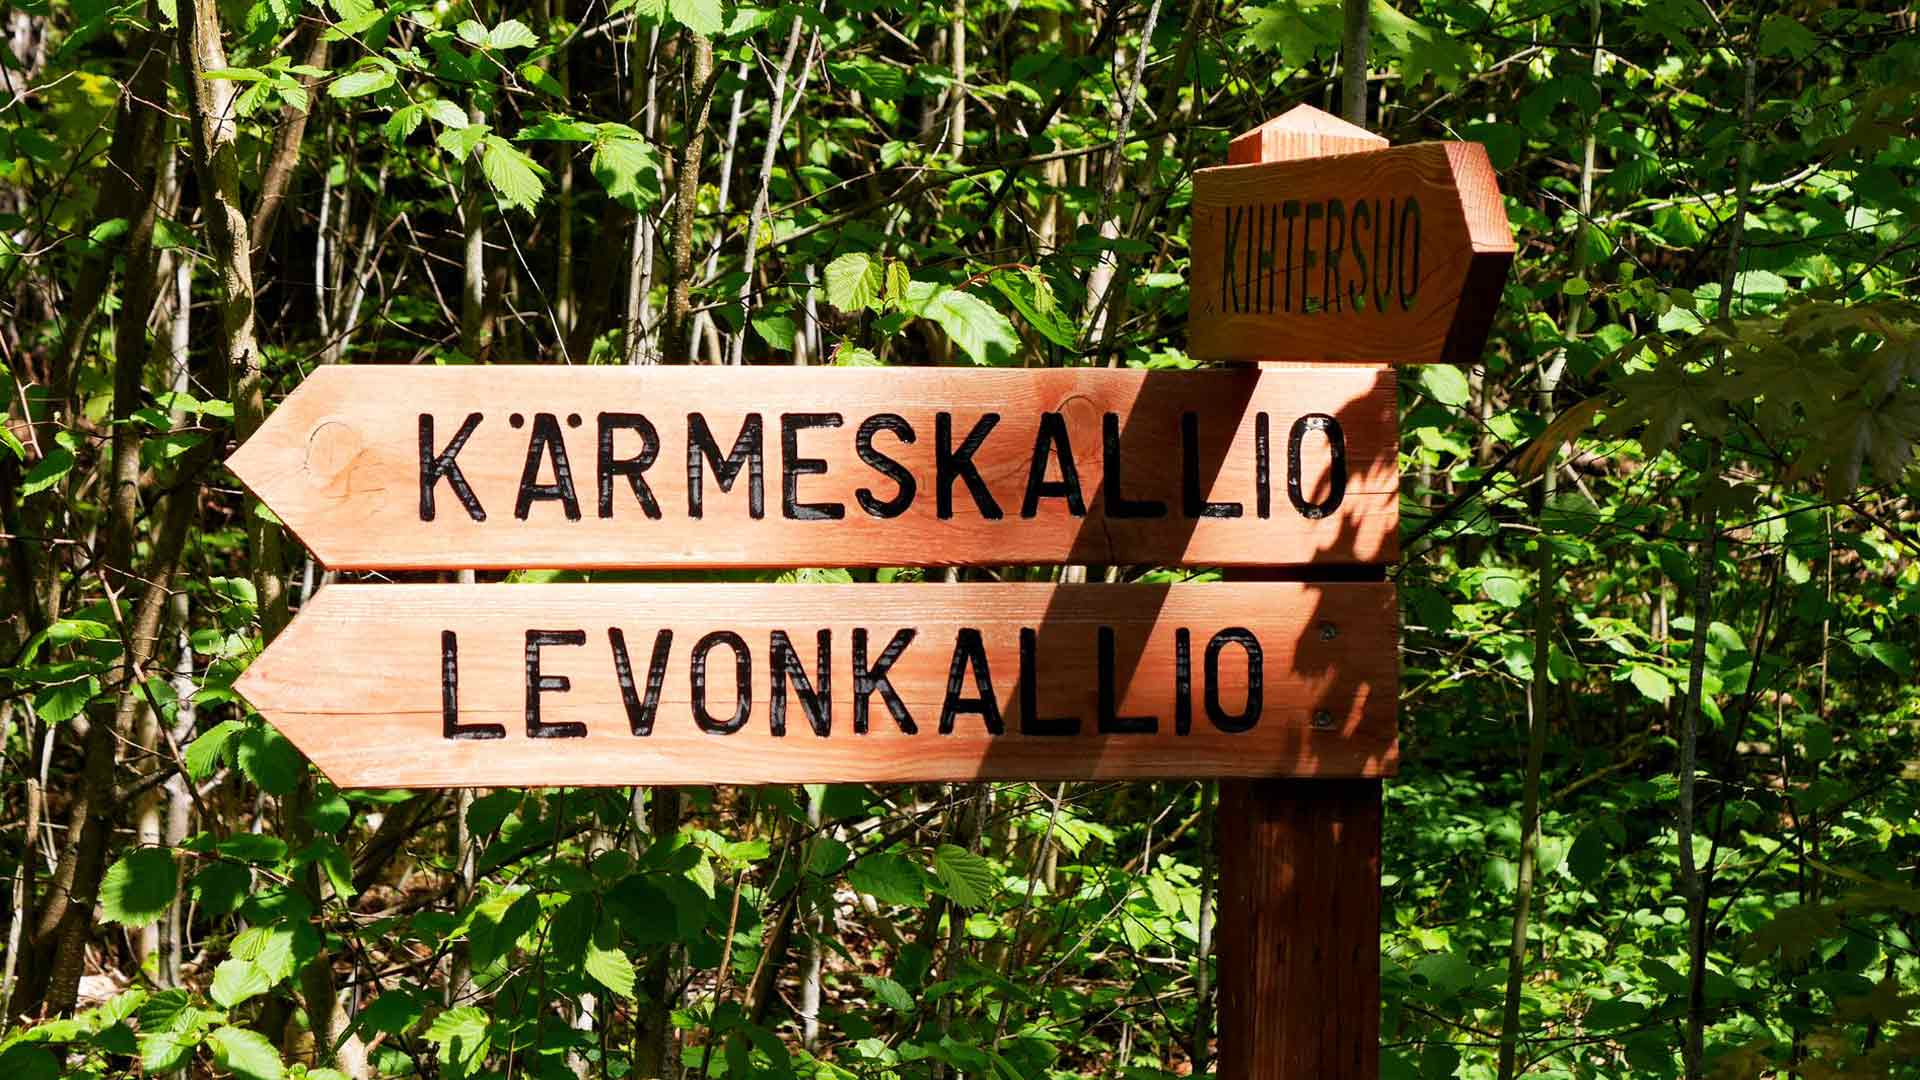 Viitat auttavat löytämään metsän kiinnostavat kolkat.